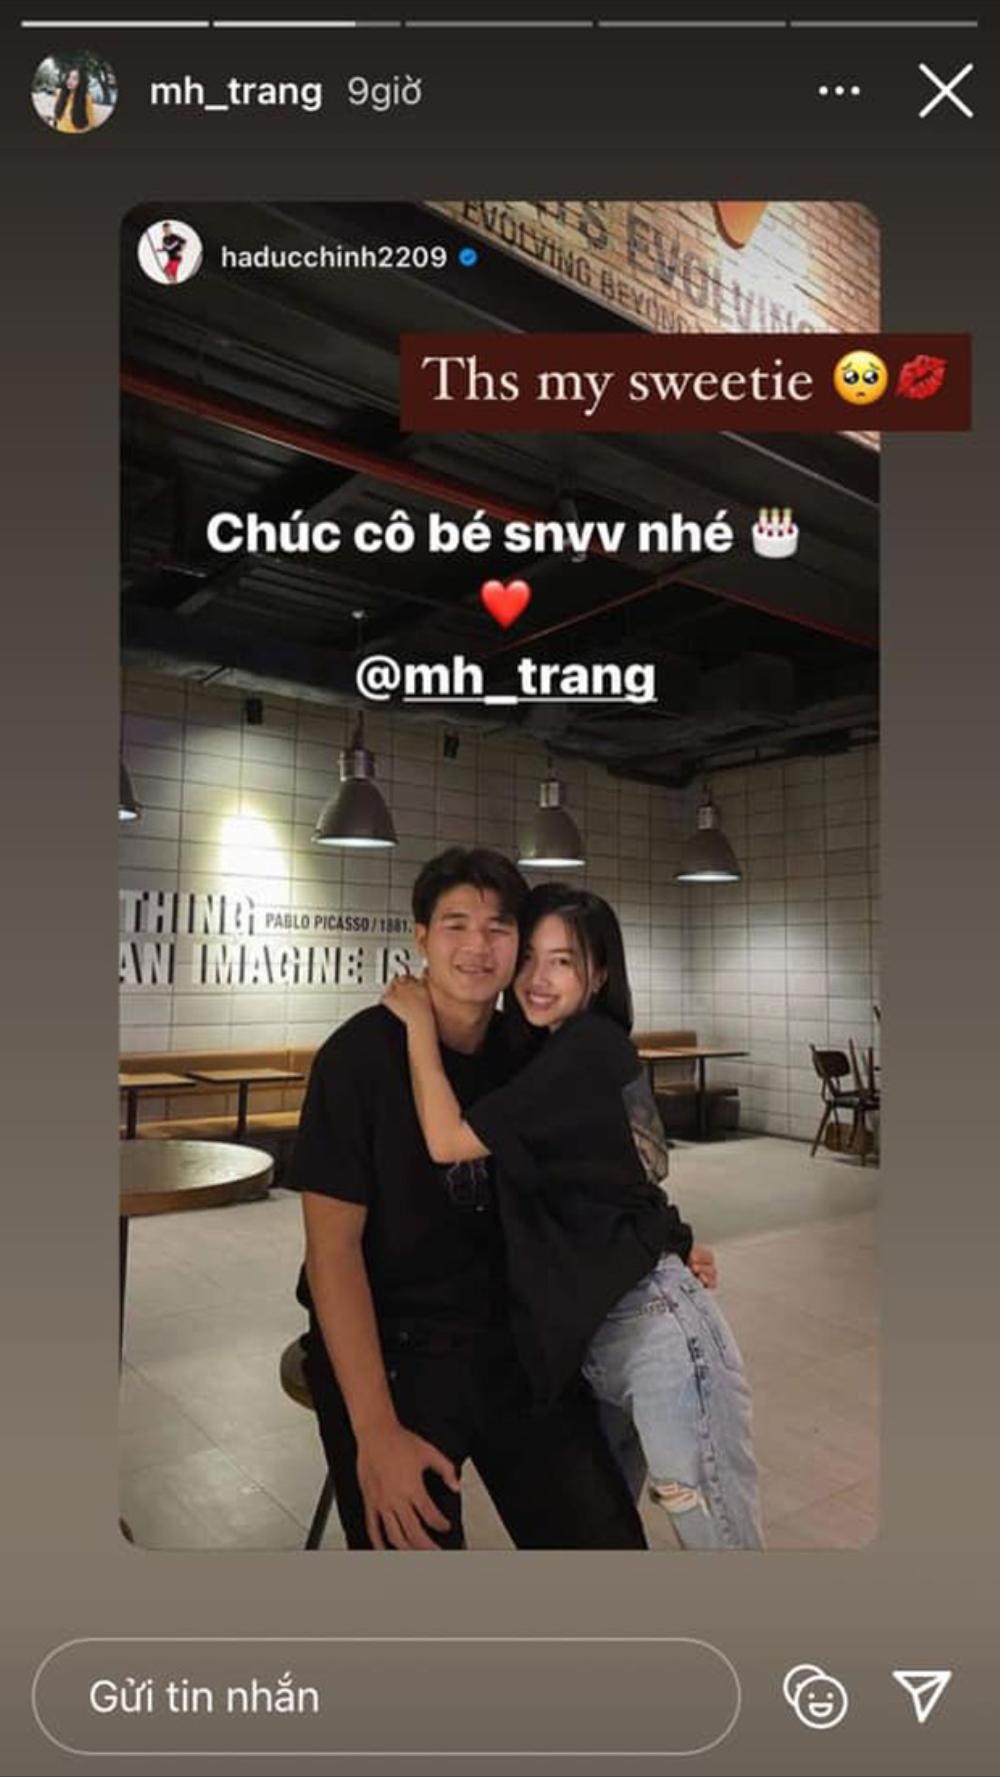 Hà Đức Chinh ngọt ngào chúc sinh nhật bạn gái Mai Hà Trang Ảnh 2